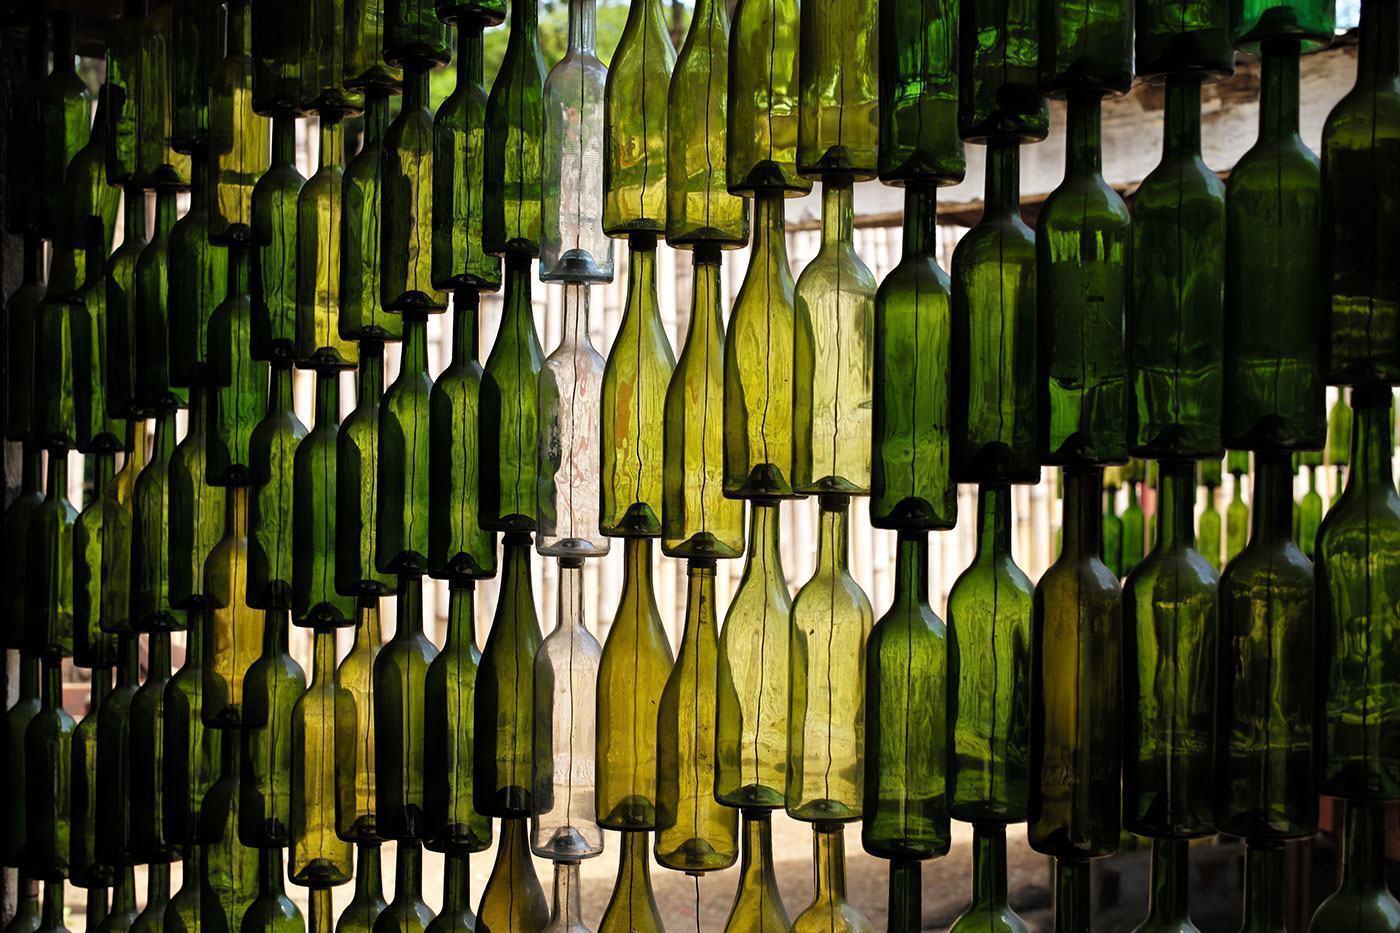 Mais um exemplo de garrafa sobre garrafa.